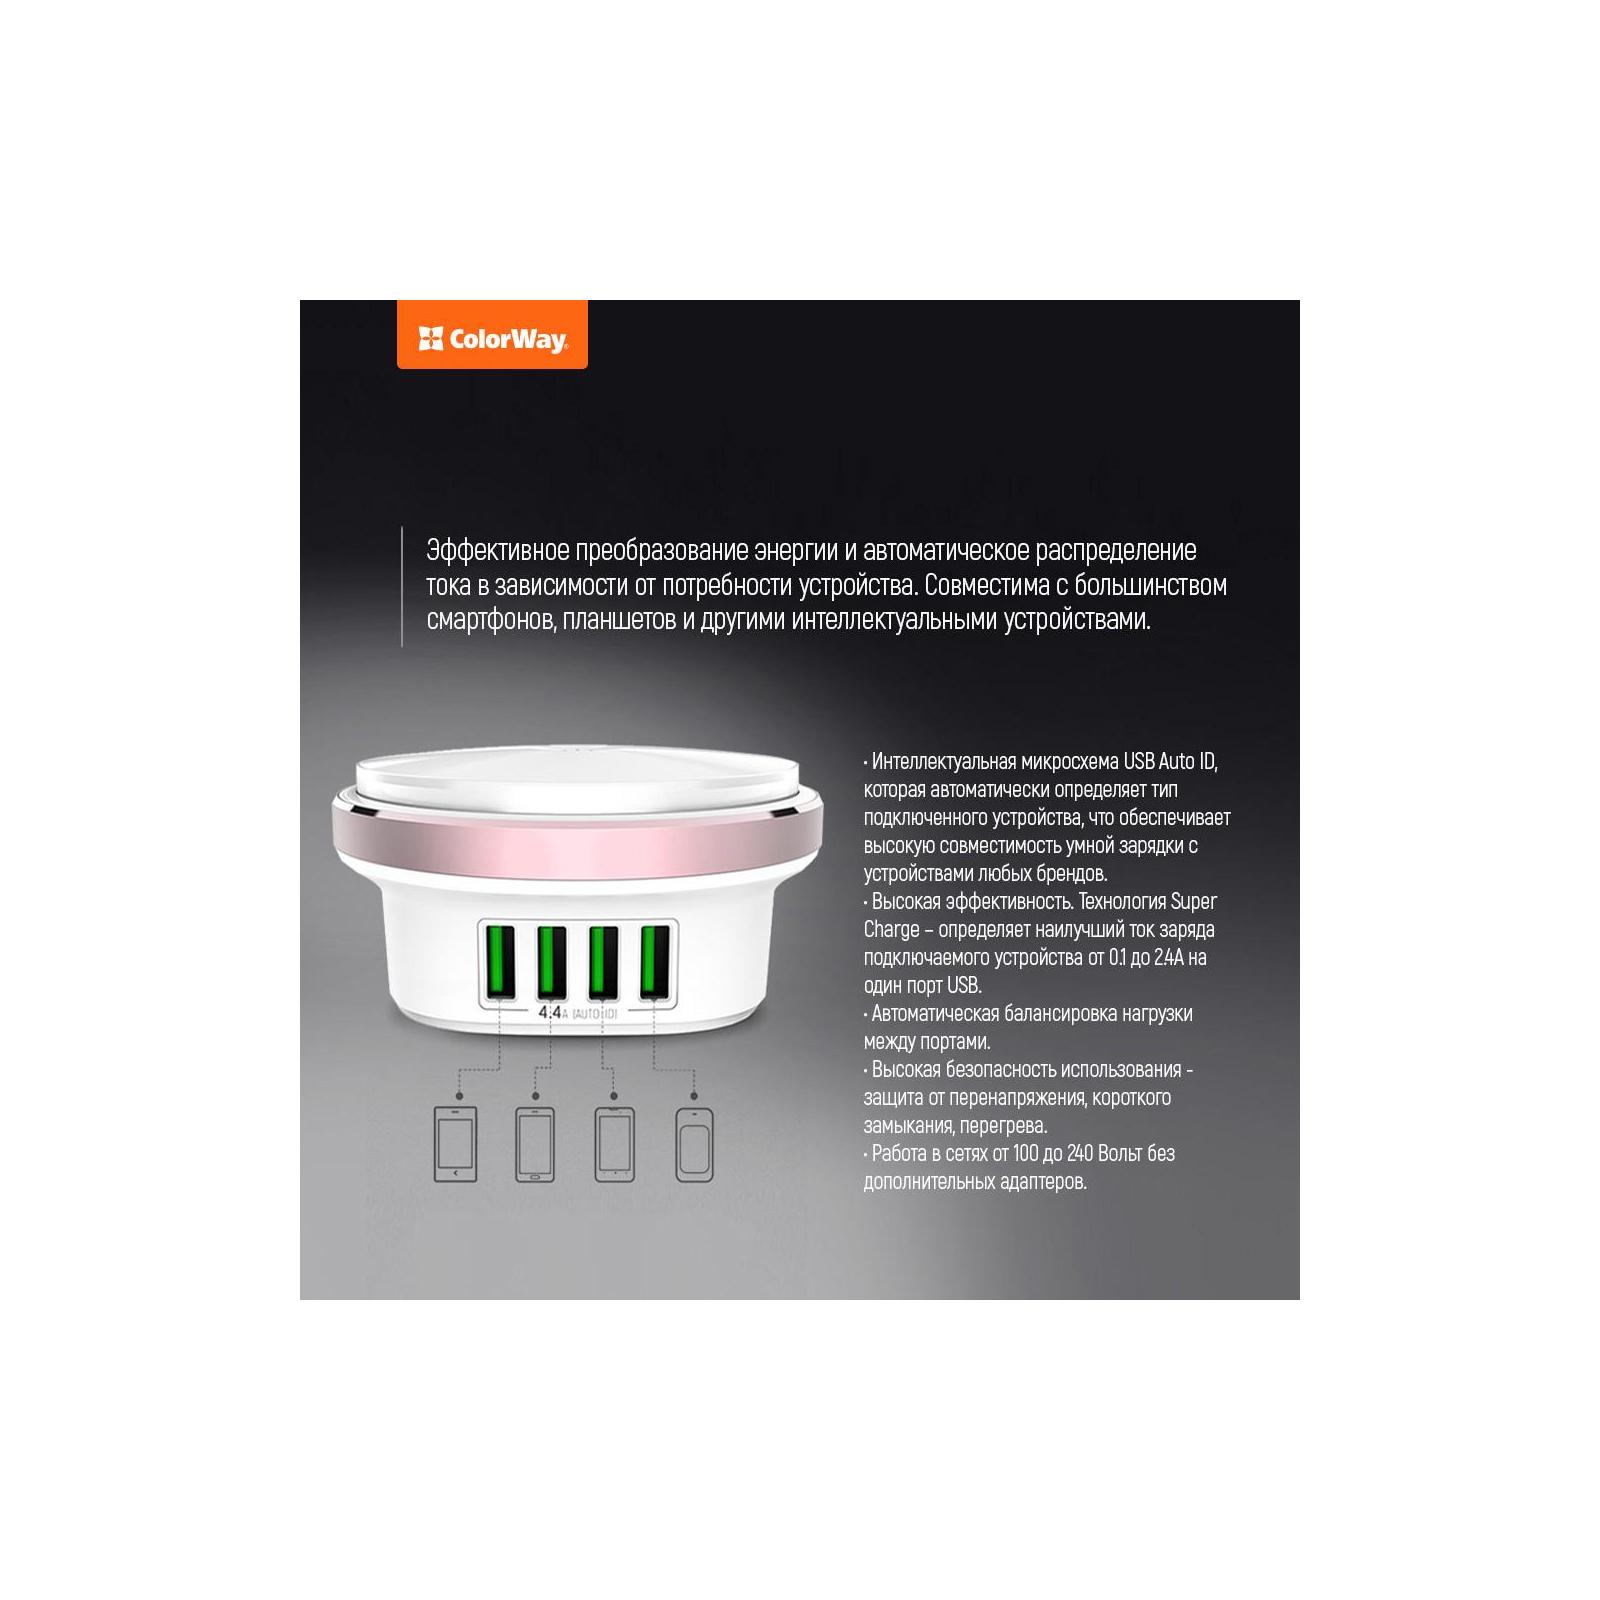 Зарядное устройство ColorWay 4*USB 4.4А + LED лампа 310 Lm (CW-CHL44A) изображение 5